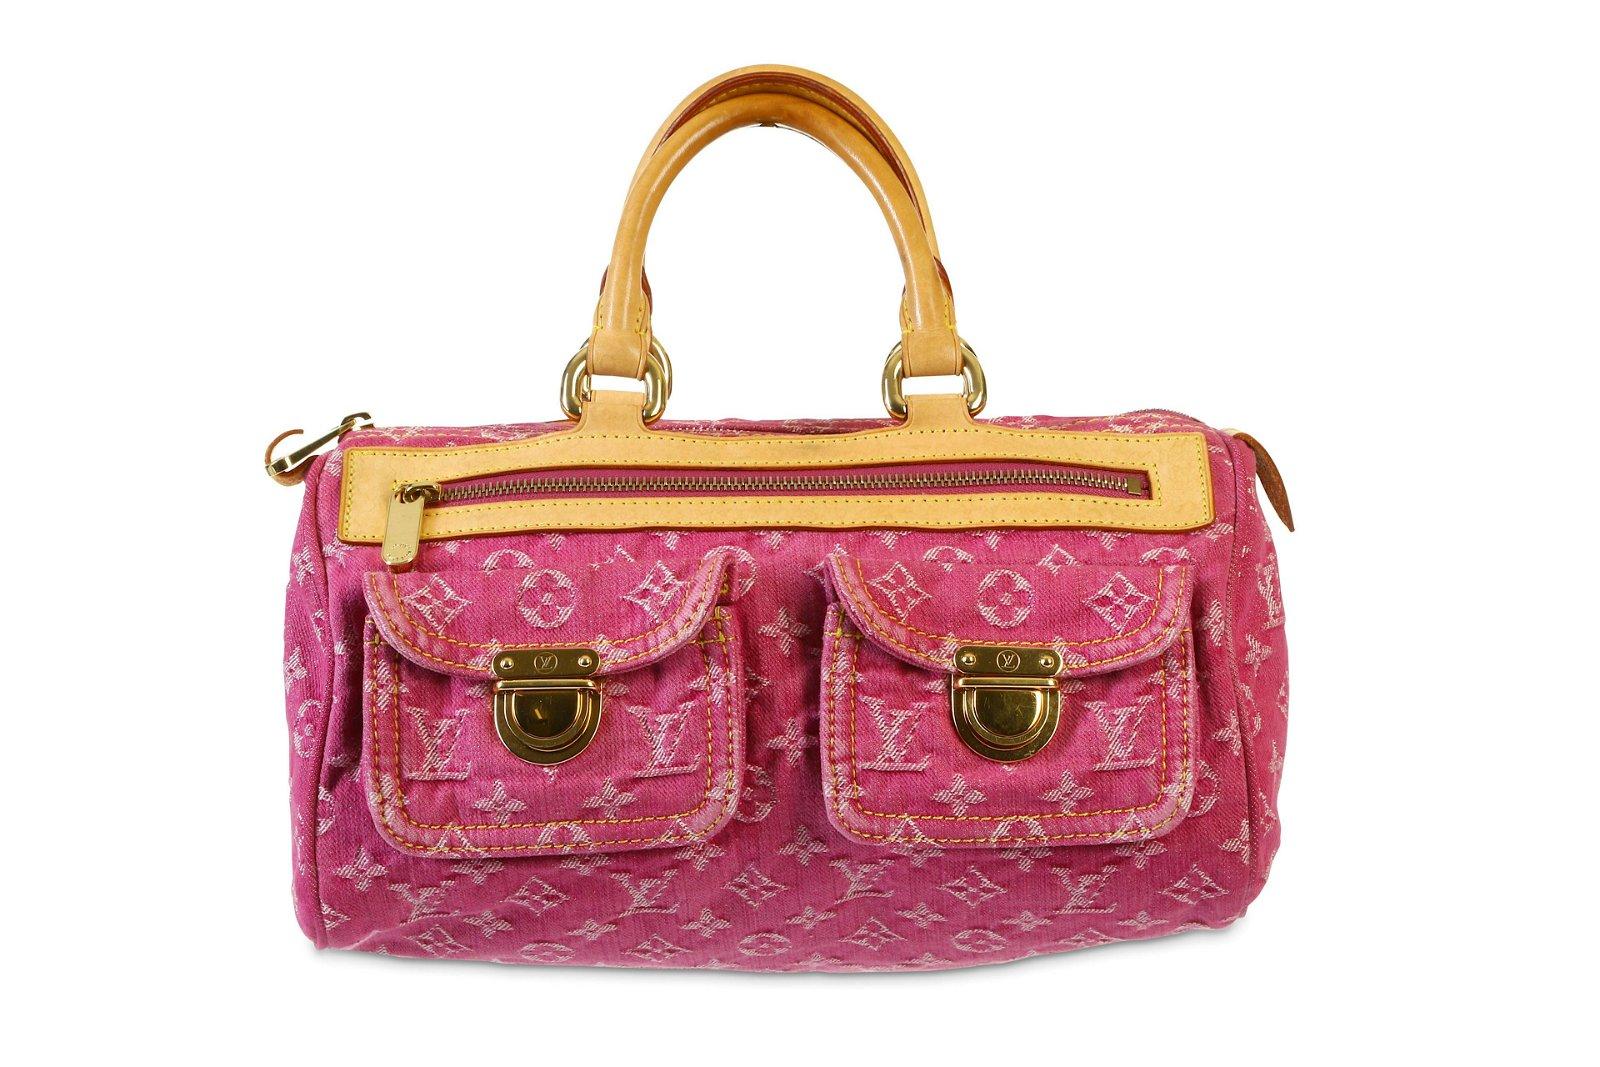 Louis Vuitton Pink Neo Speedy